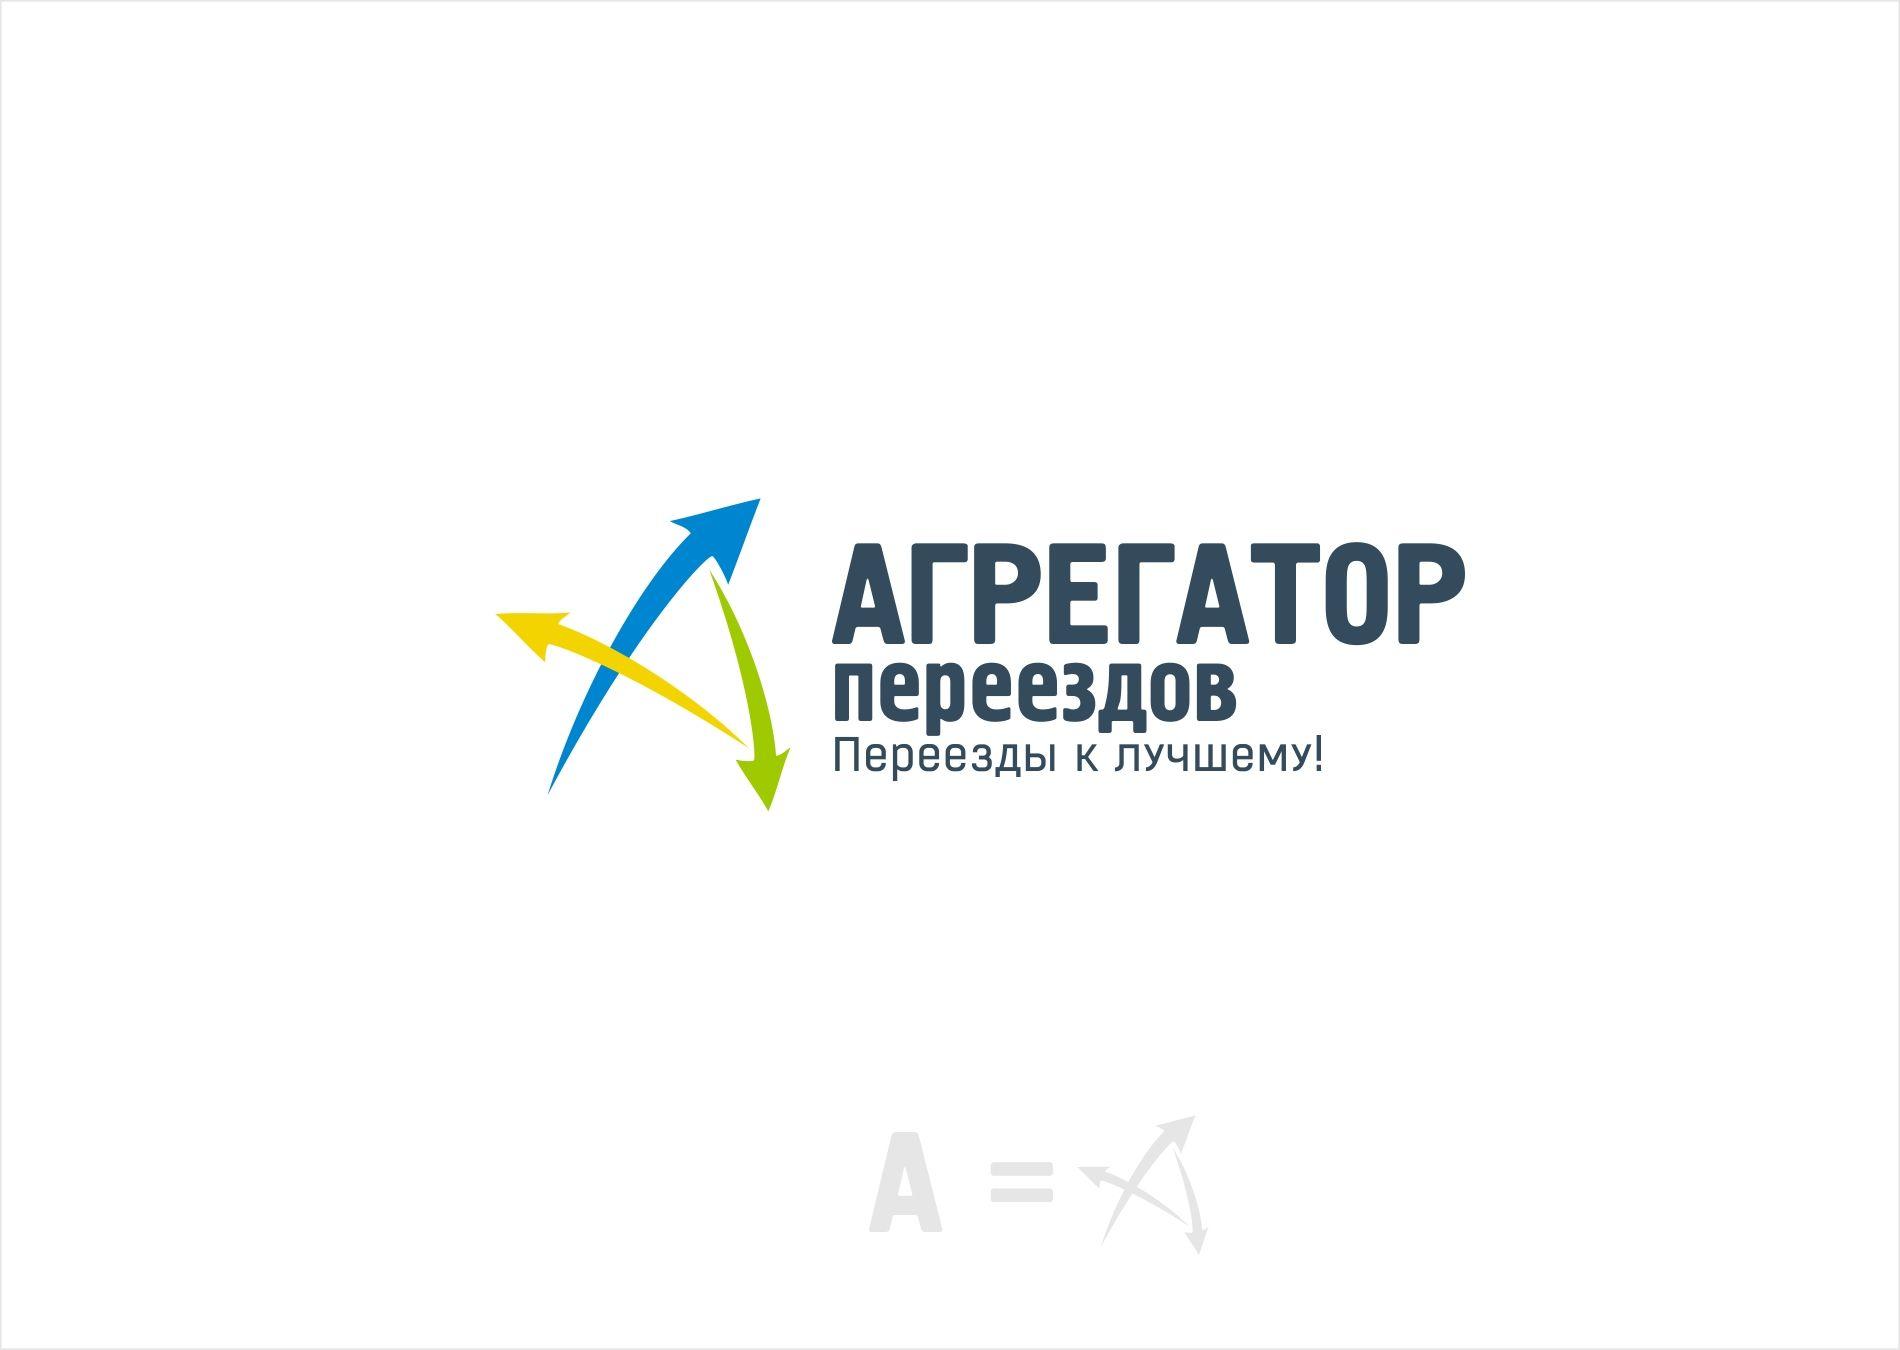 Логотип для компании Агрегатор переездов - дизайнер kras-sky